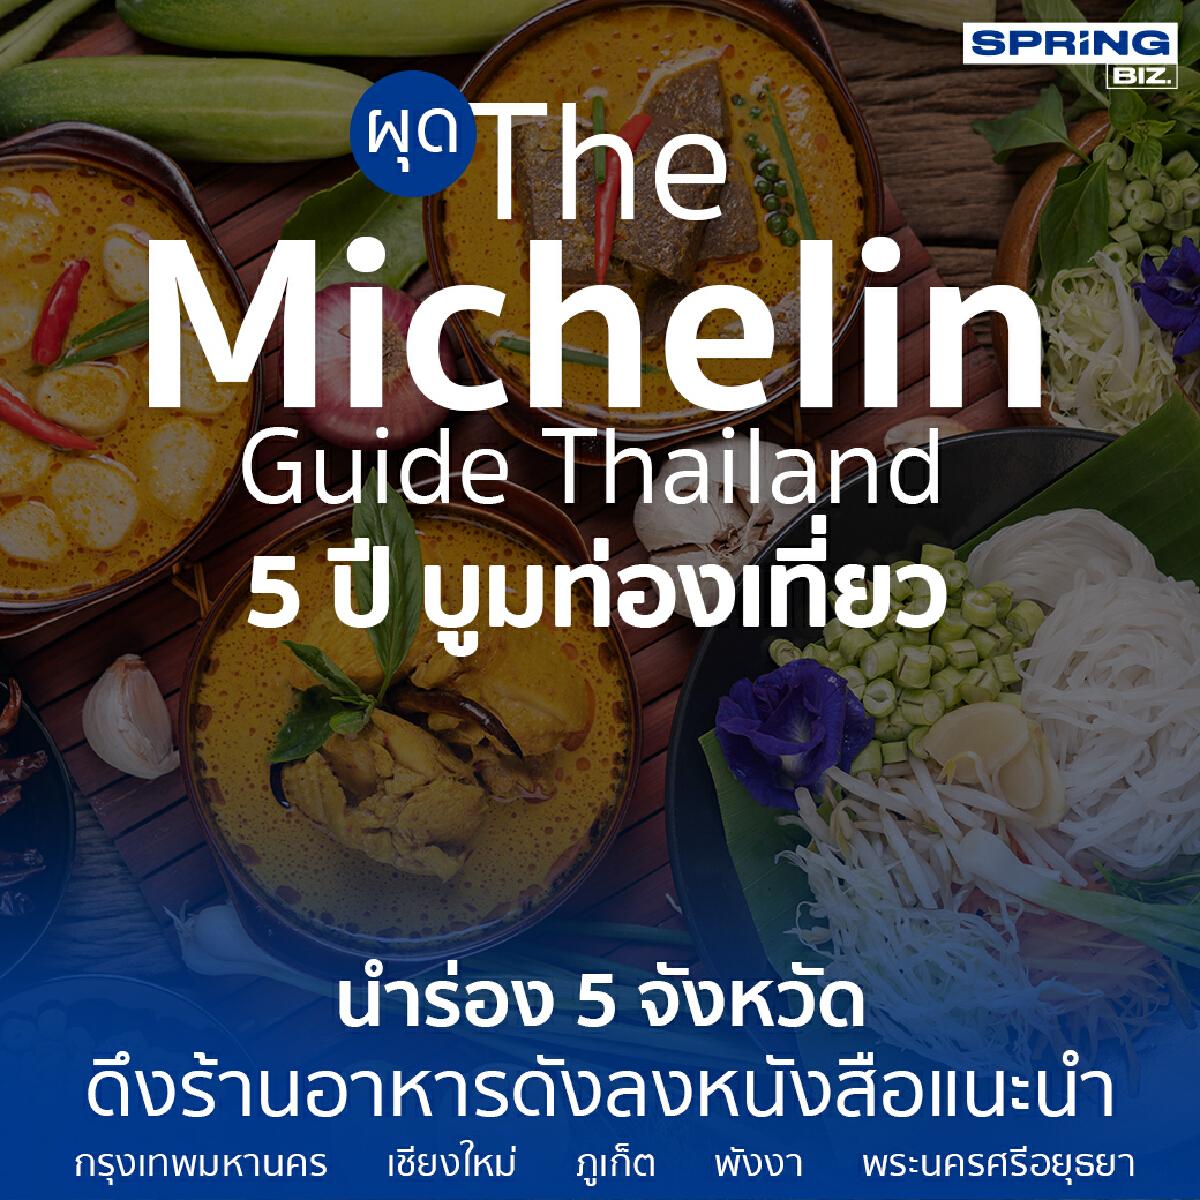 5 จังหวัดนำร่องโครง The Michelin Guide Thailand